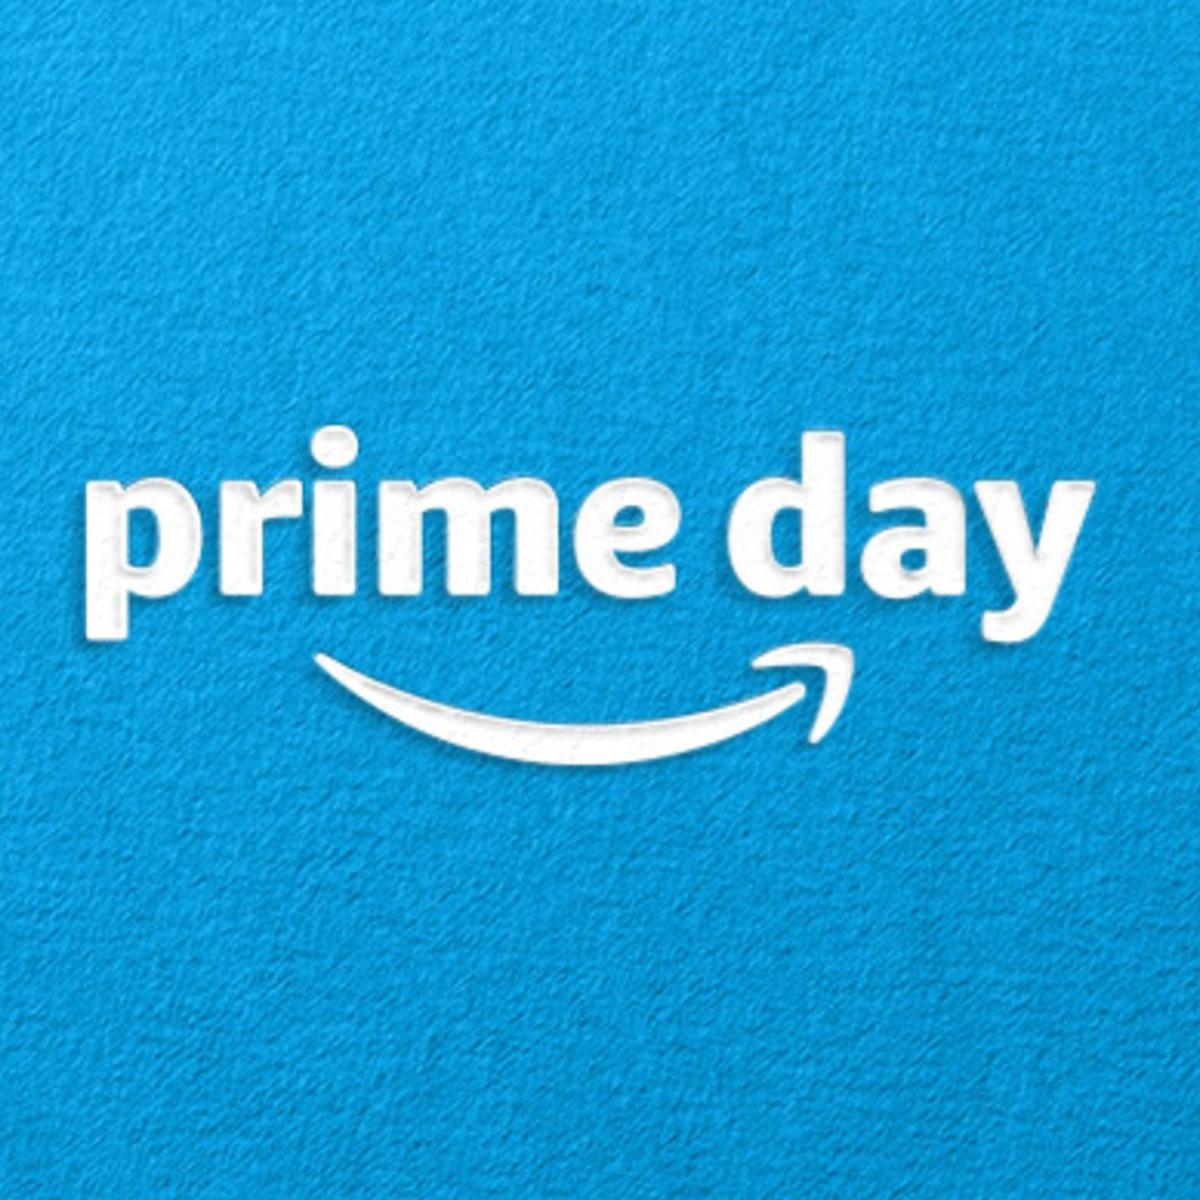 Amazon Prime Day, la date se précise, le 13 octobre en vue